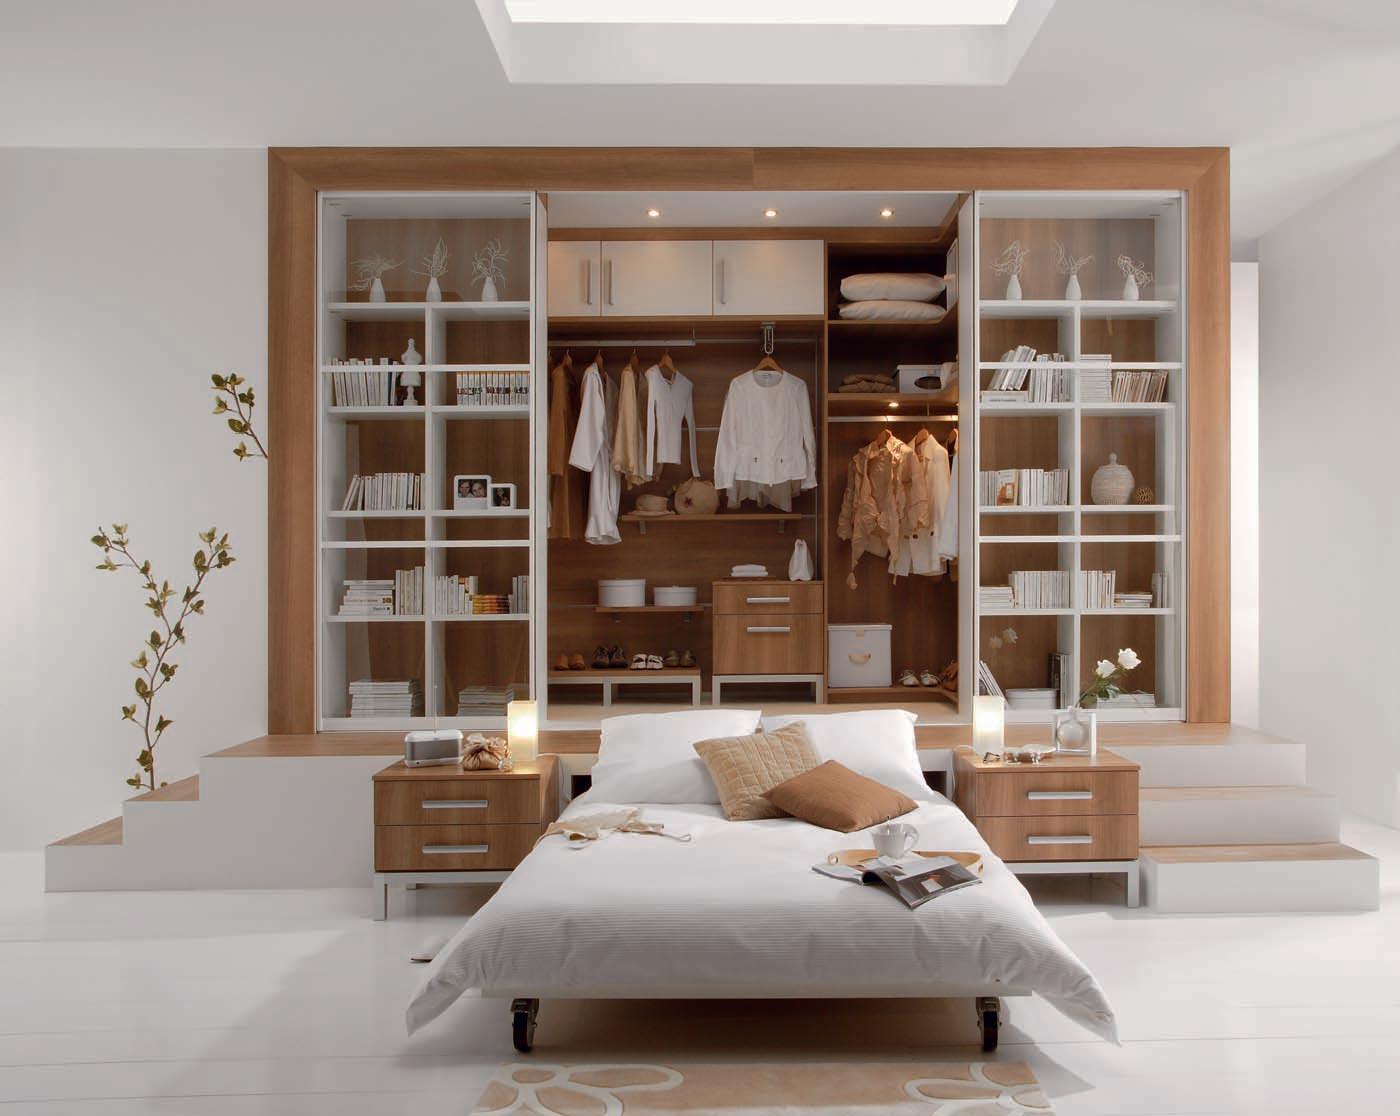 Rangements dressing chambre bulle de puret perene - Comment installer un dressing dans une chambre ...